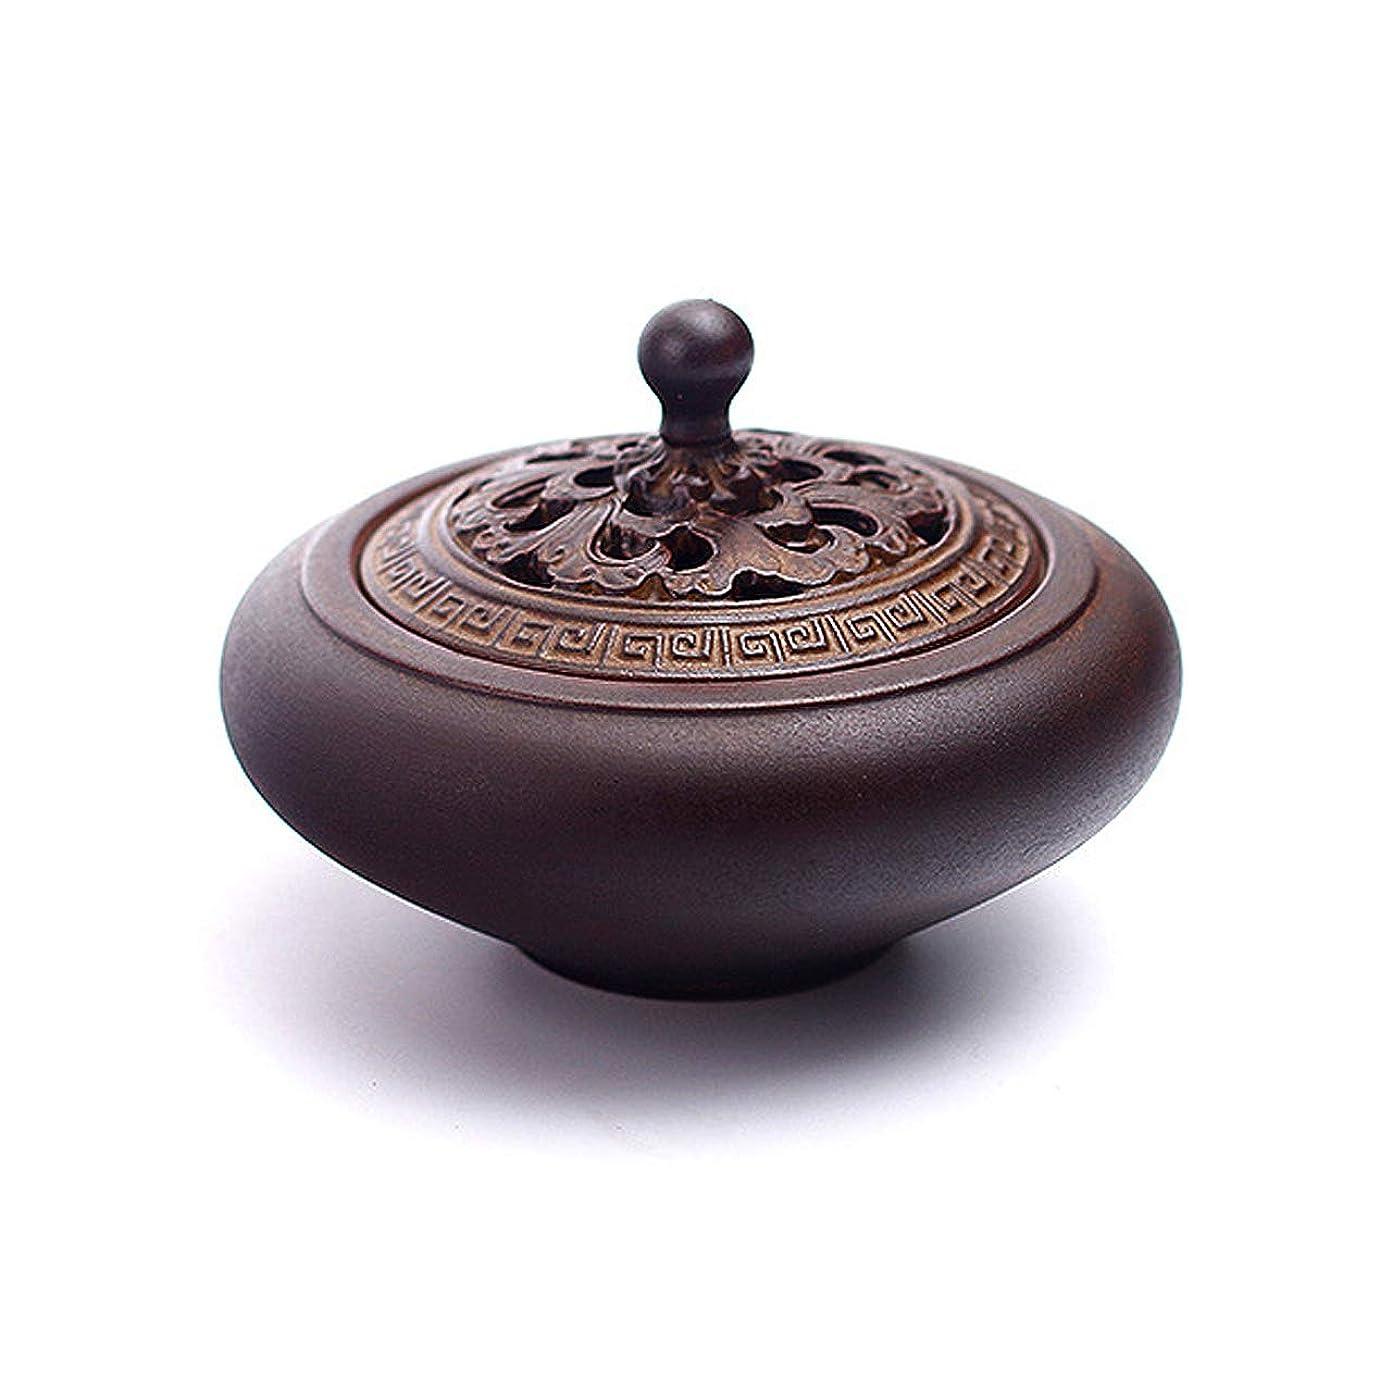 アプライアンスぴかぴか必要ないHAMILO 蓋付香炉 陶器 中国風 古典 アロマ 癒し 香道 お香 コーン 抹香 手作り 木製台付 (ブラウン)